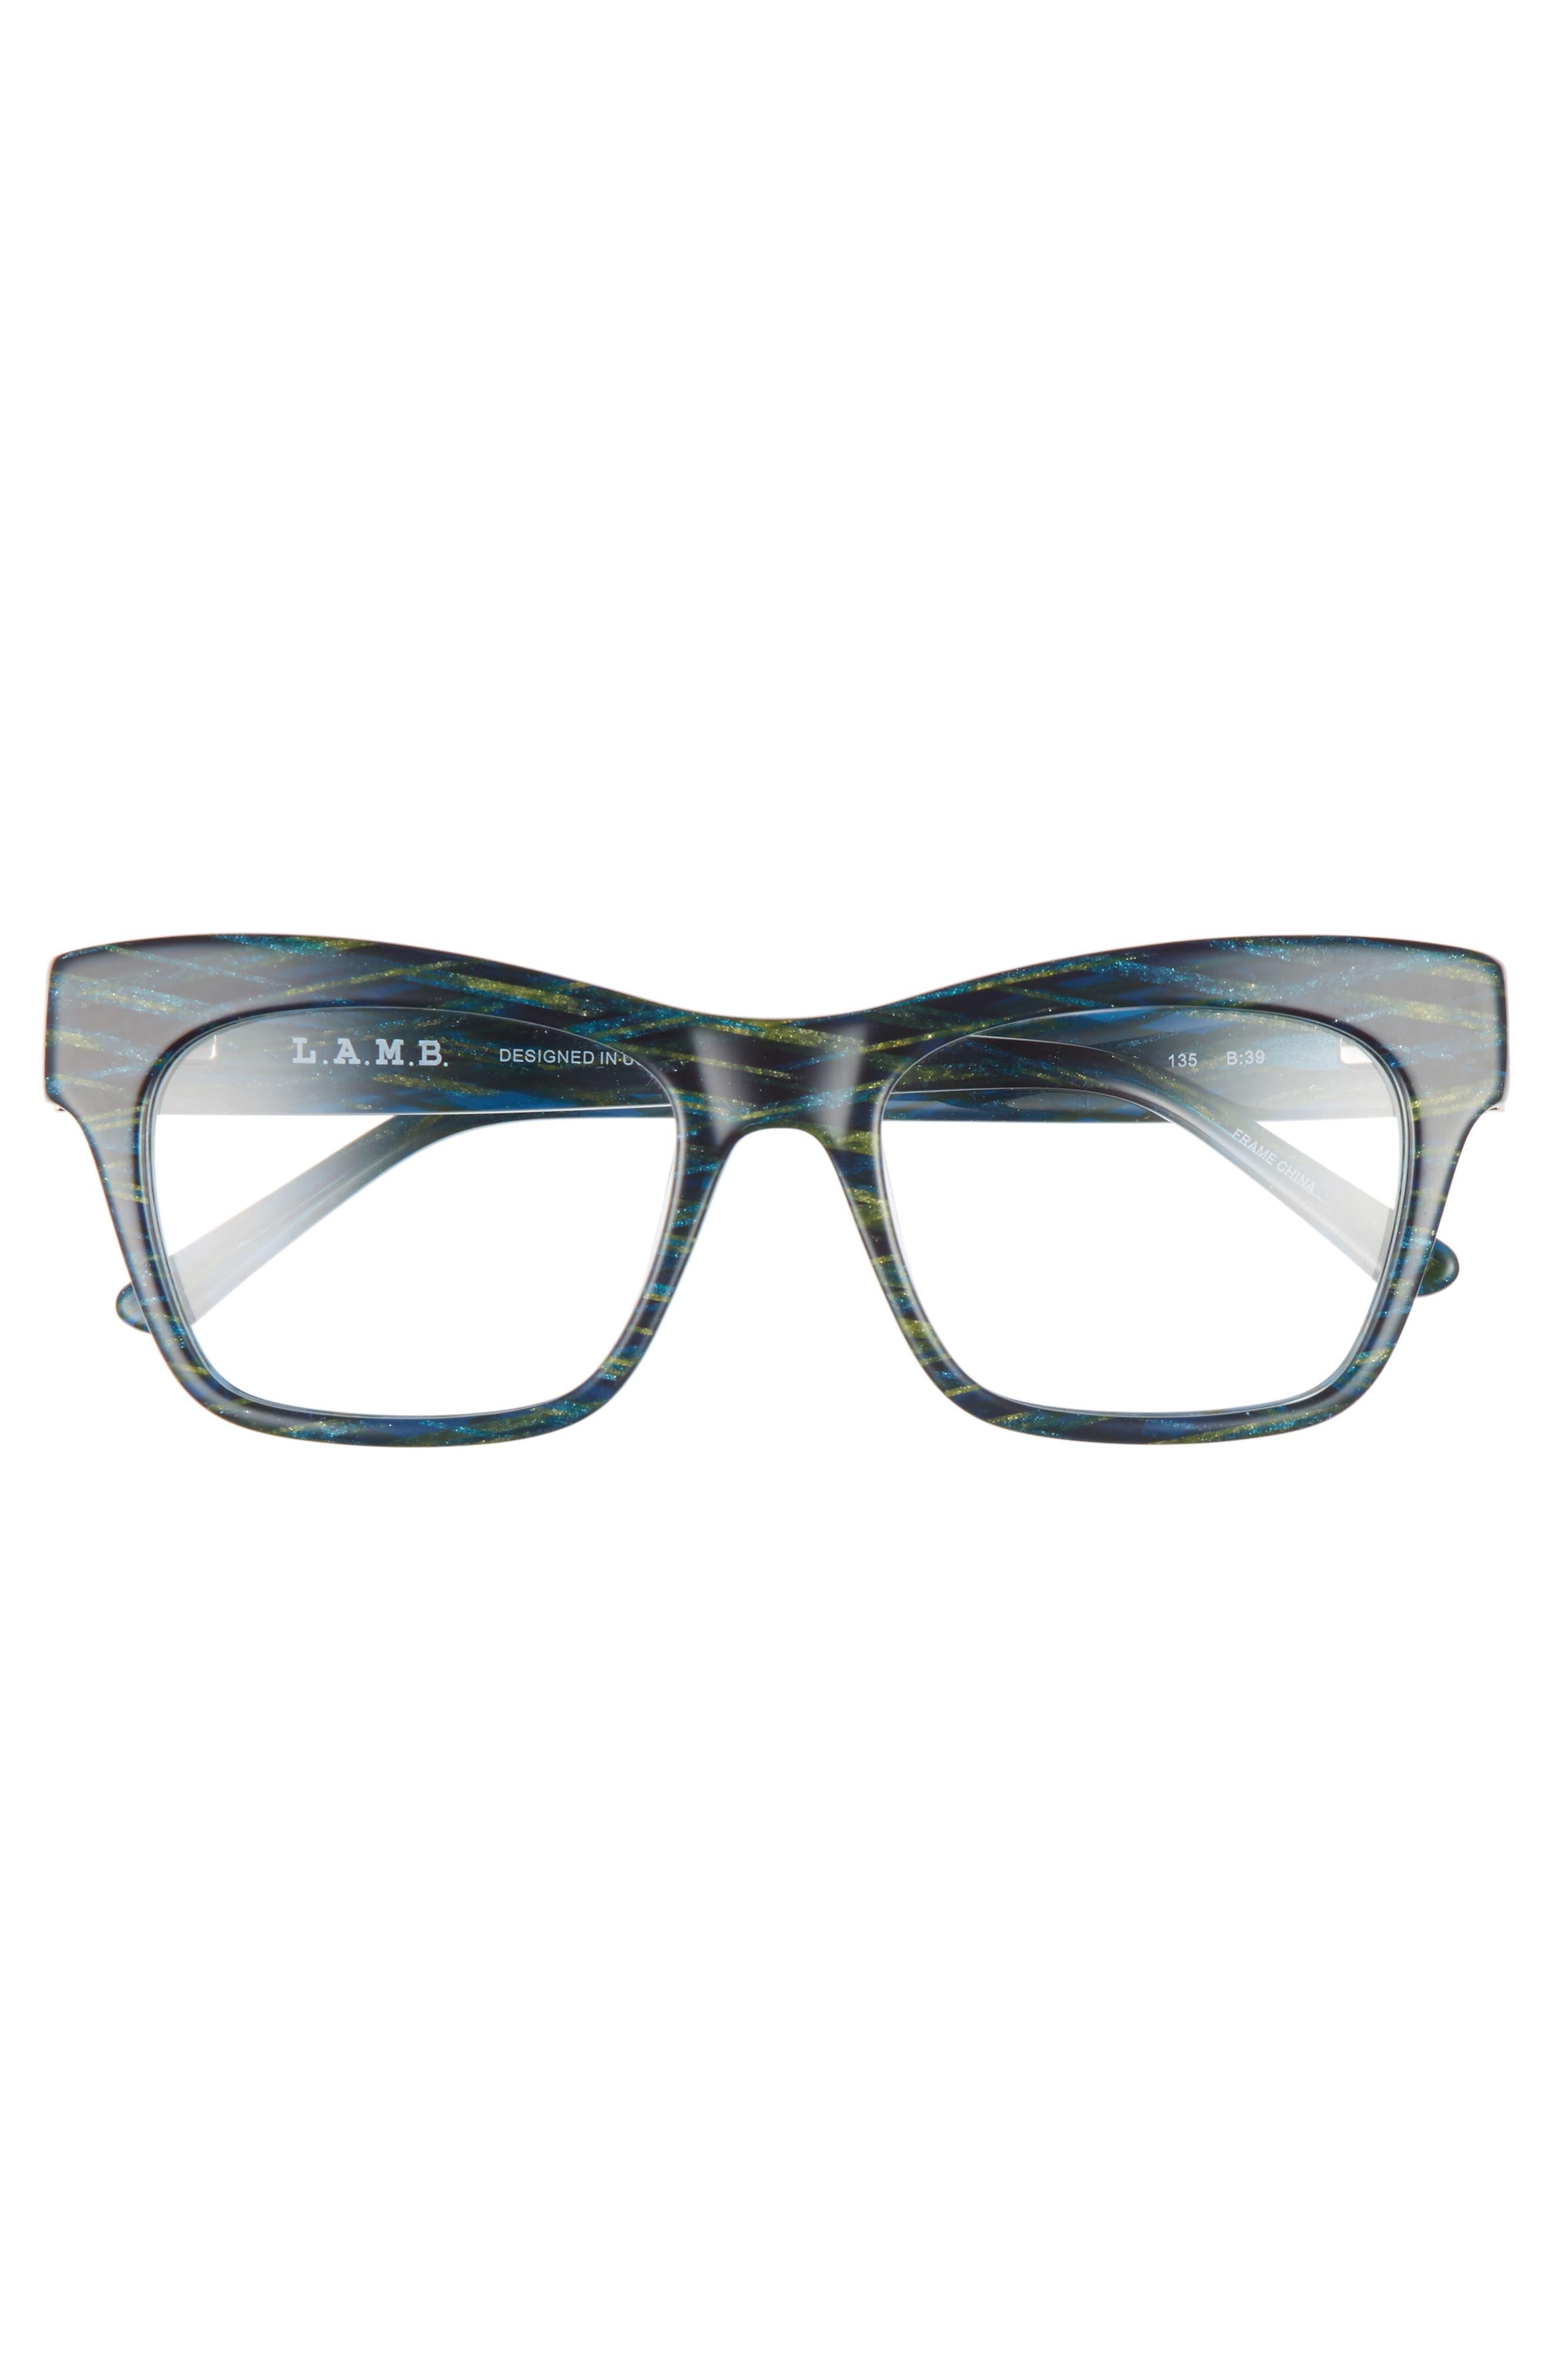 50mm Optical Rectangular Glasses,                             Alternate thumbnail 3, color,                             400